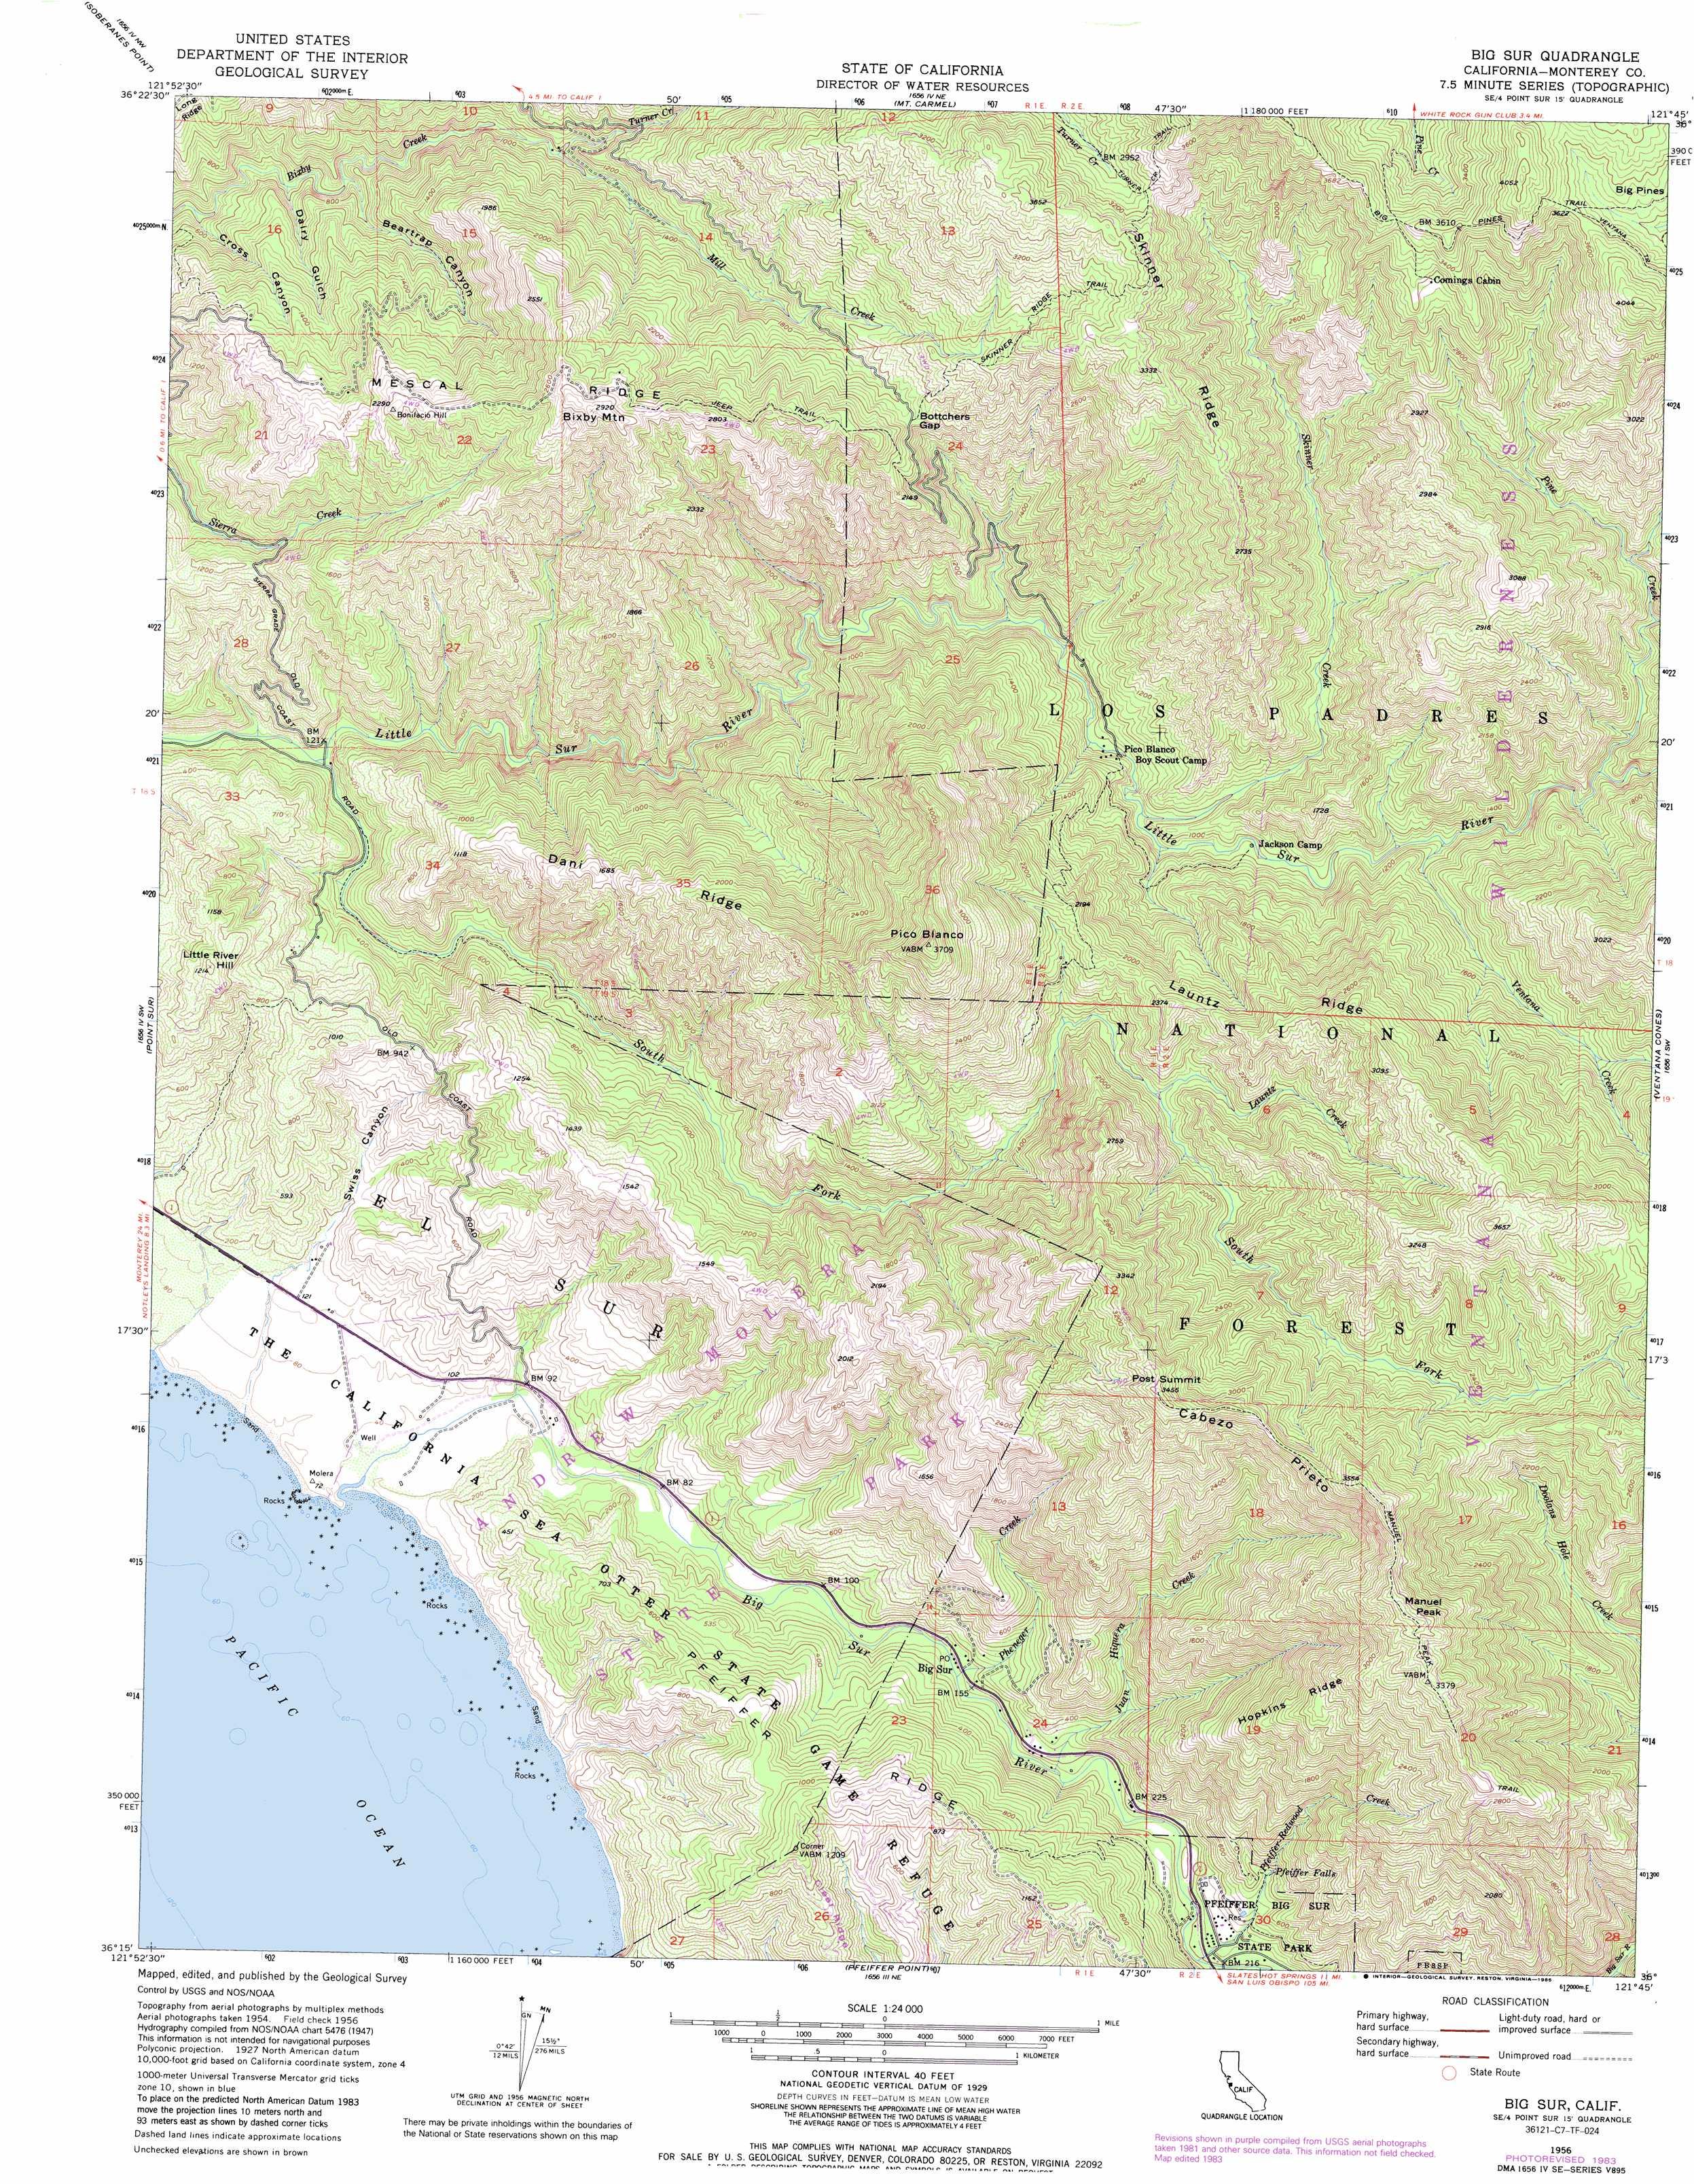 Big Sur topographic map, CA - USGS Topo Quad 36121c7